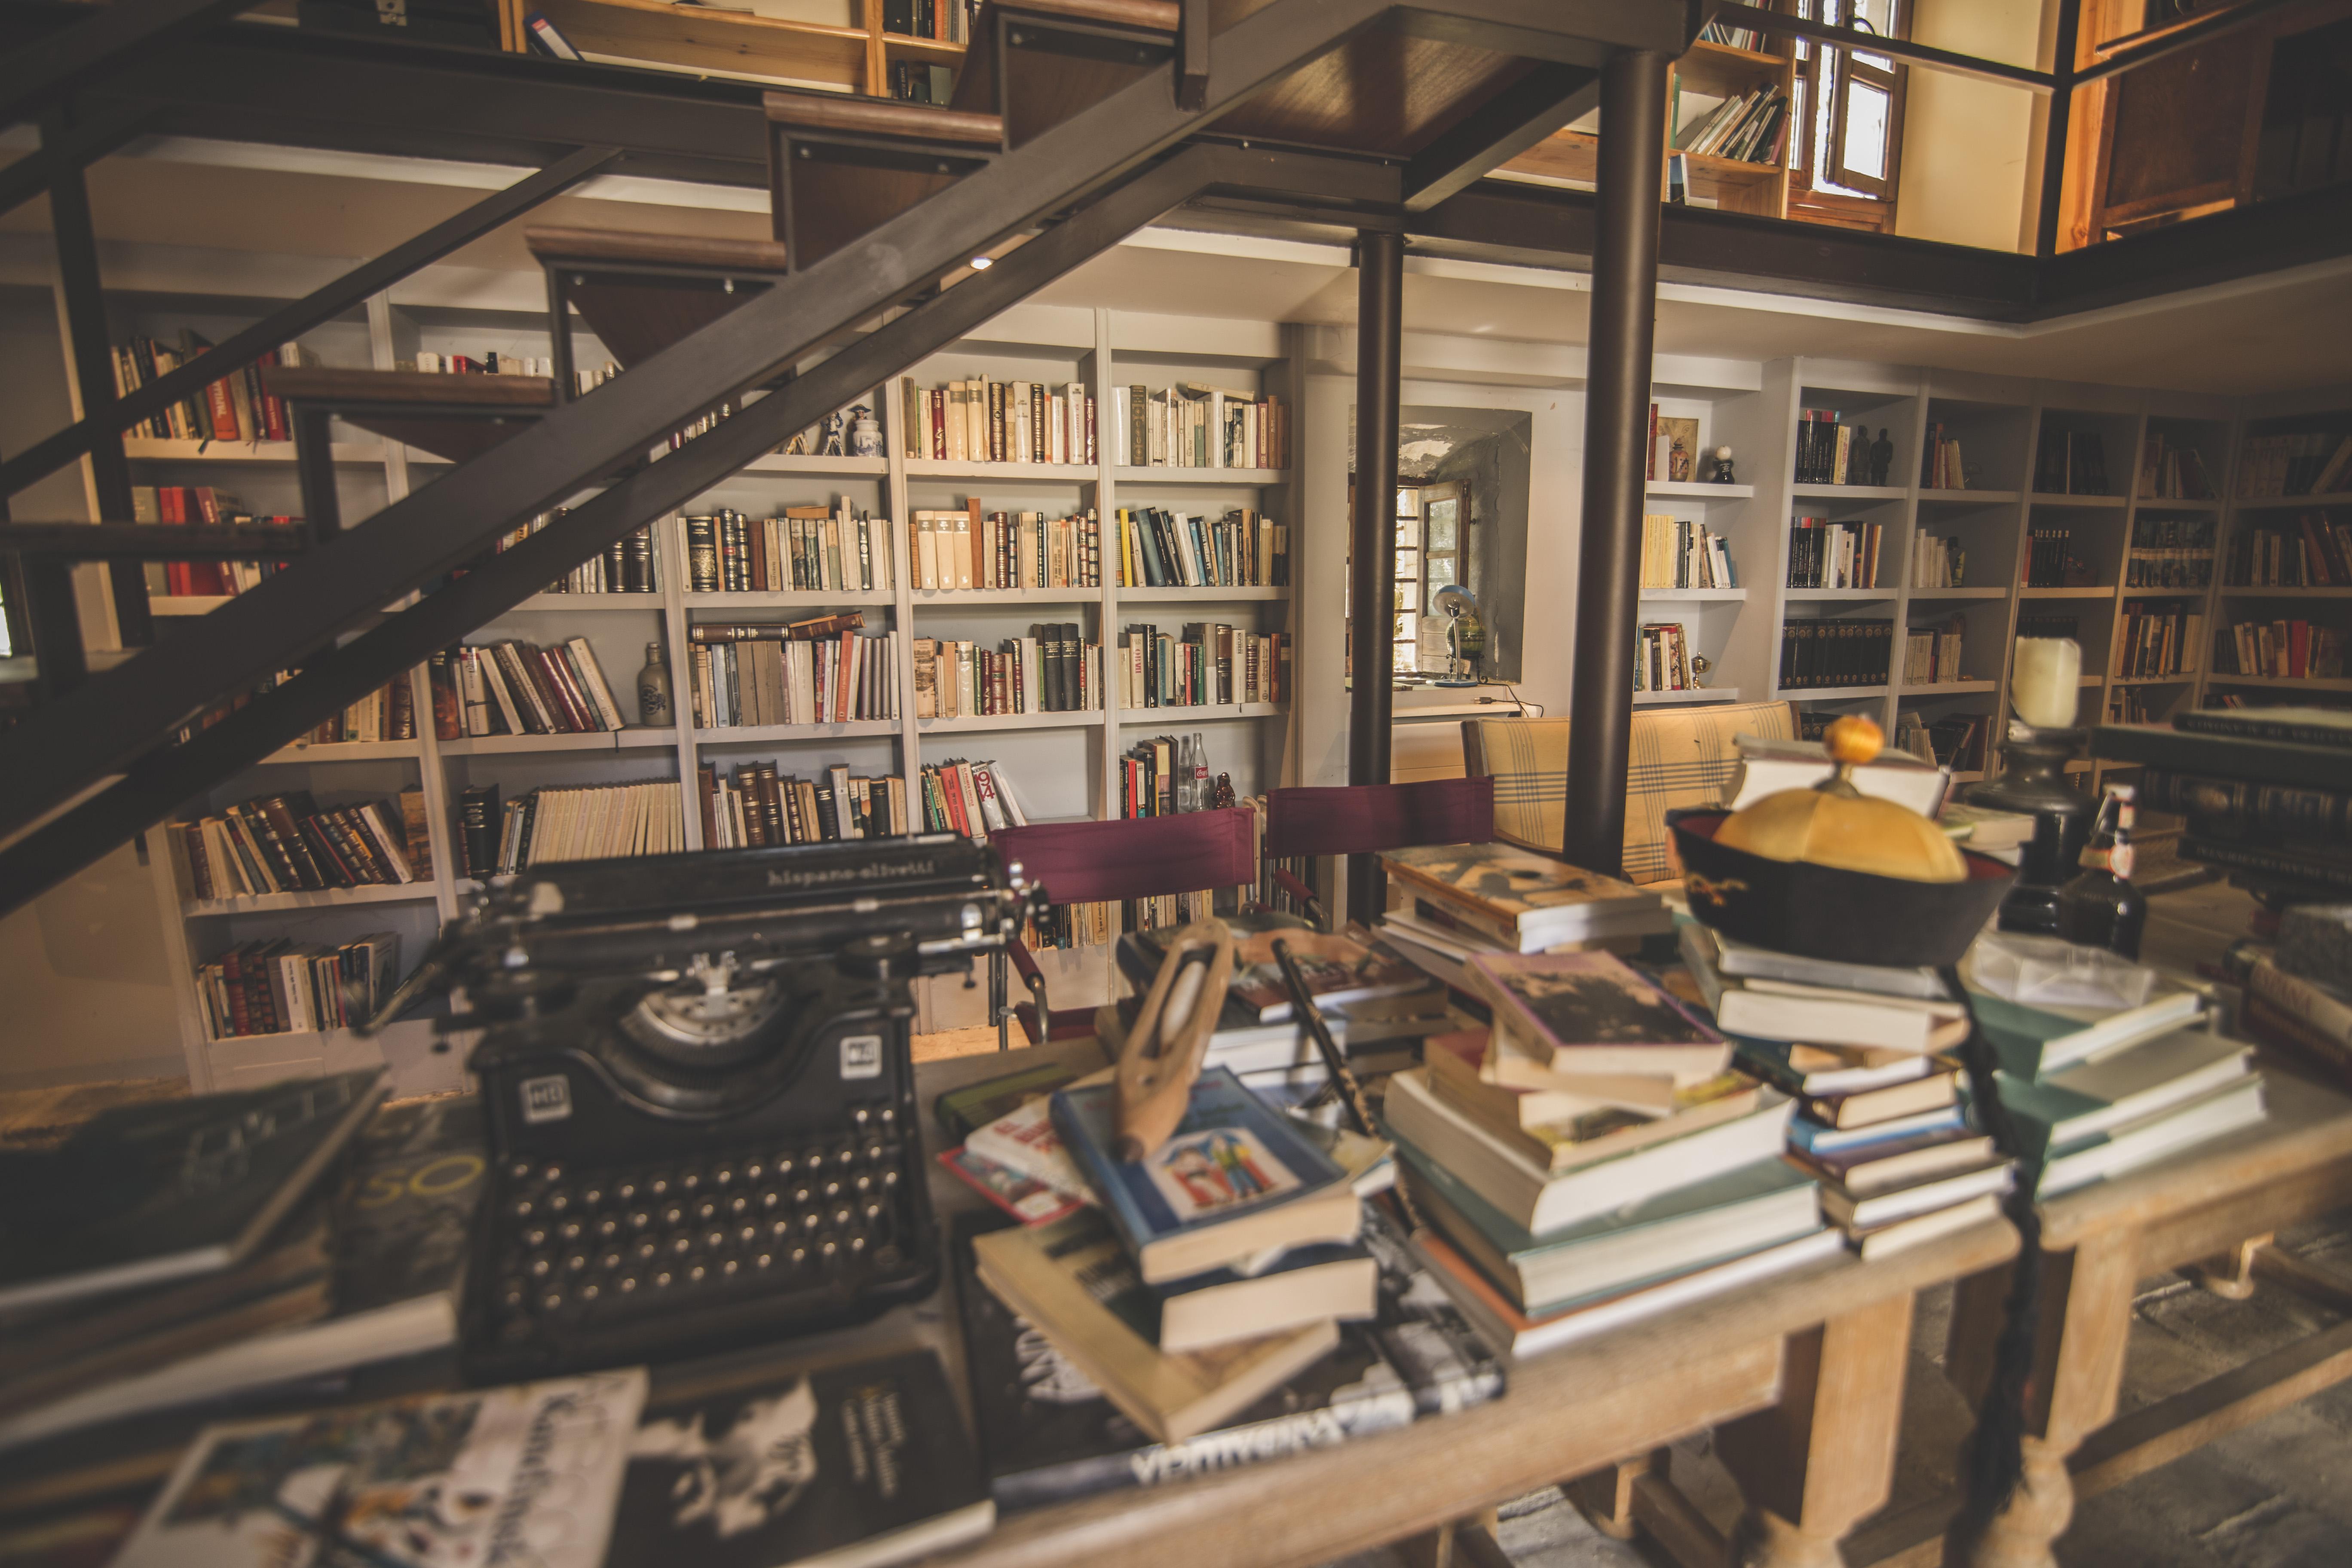 Colecciones literarias en la biblioteca de Hacienda Minerva